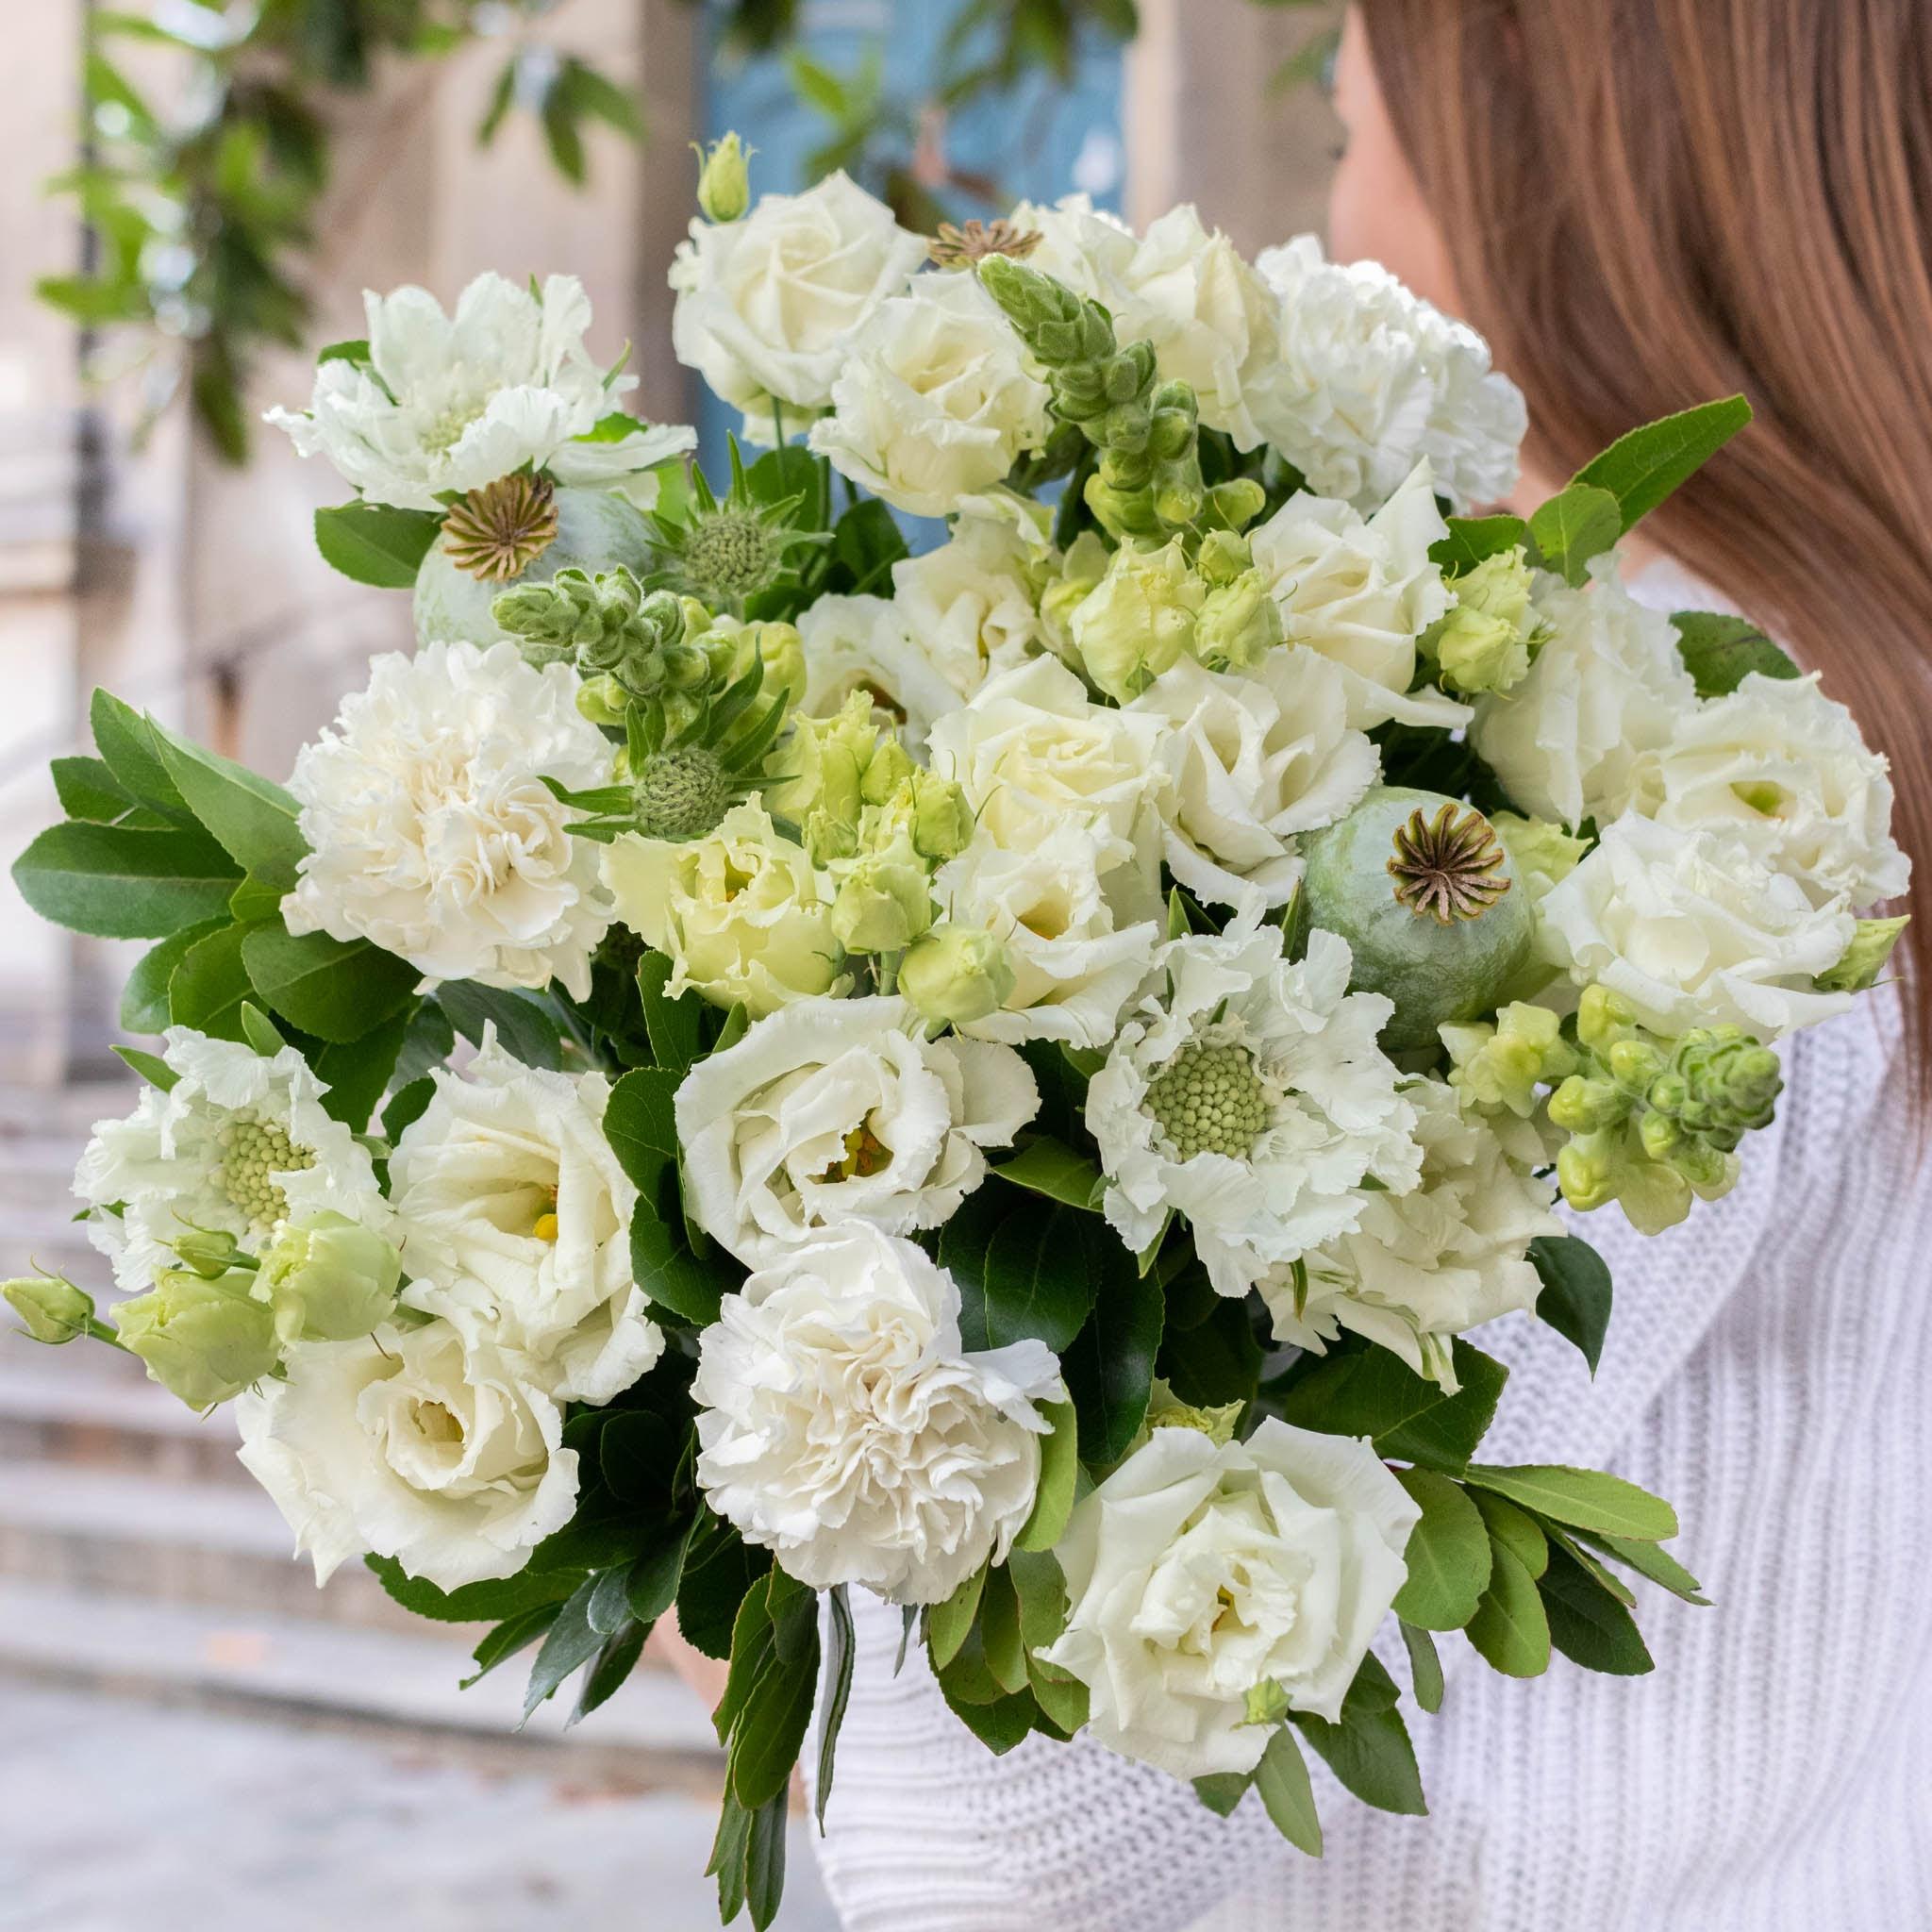 """Blumenstrauß Mykonos - Innerhalb der nächsten zwei Wochen spenden wir pro verkauftem Blumenstrauß 2€ an """"Aktion Deutschland hilft"""" und die Betroffenen der Hochwasser-Katastrophe."""